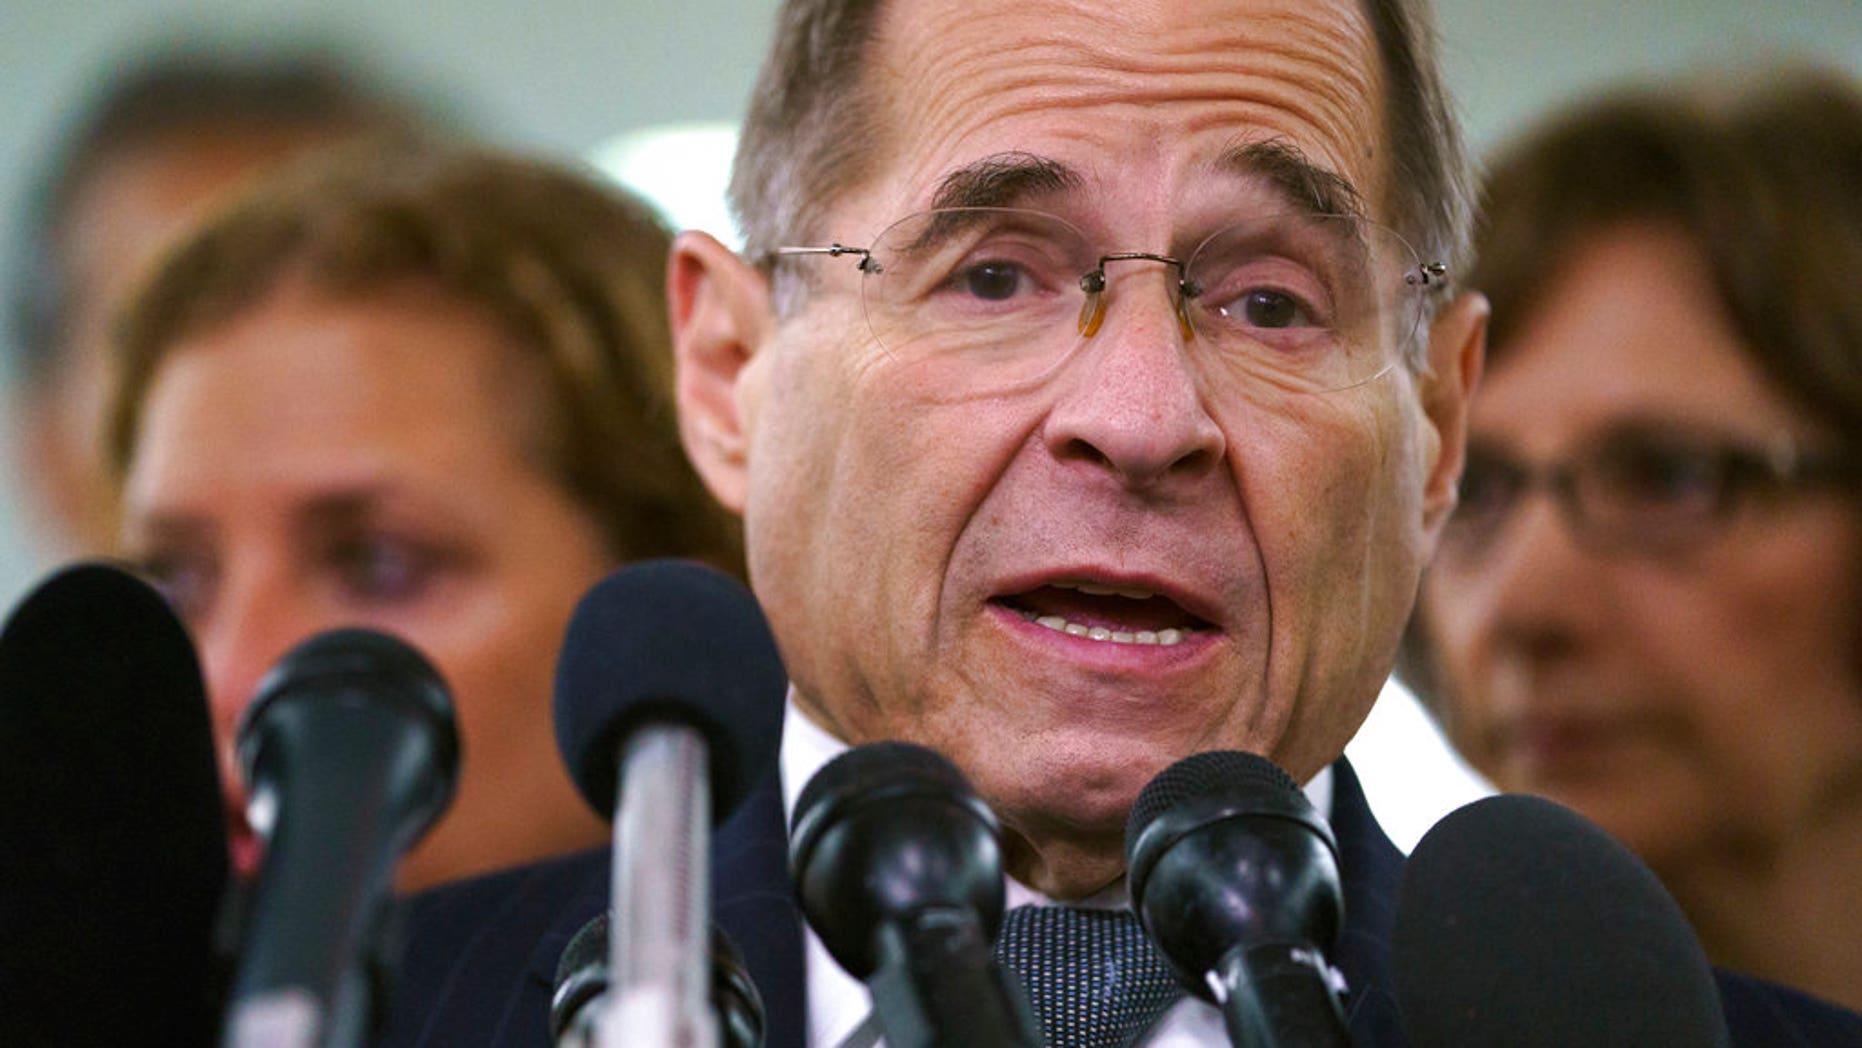 House Judiciary Committee ranking member Jerry Nadler, D-N.Y. (AP Photo/Carolyn Kaster)